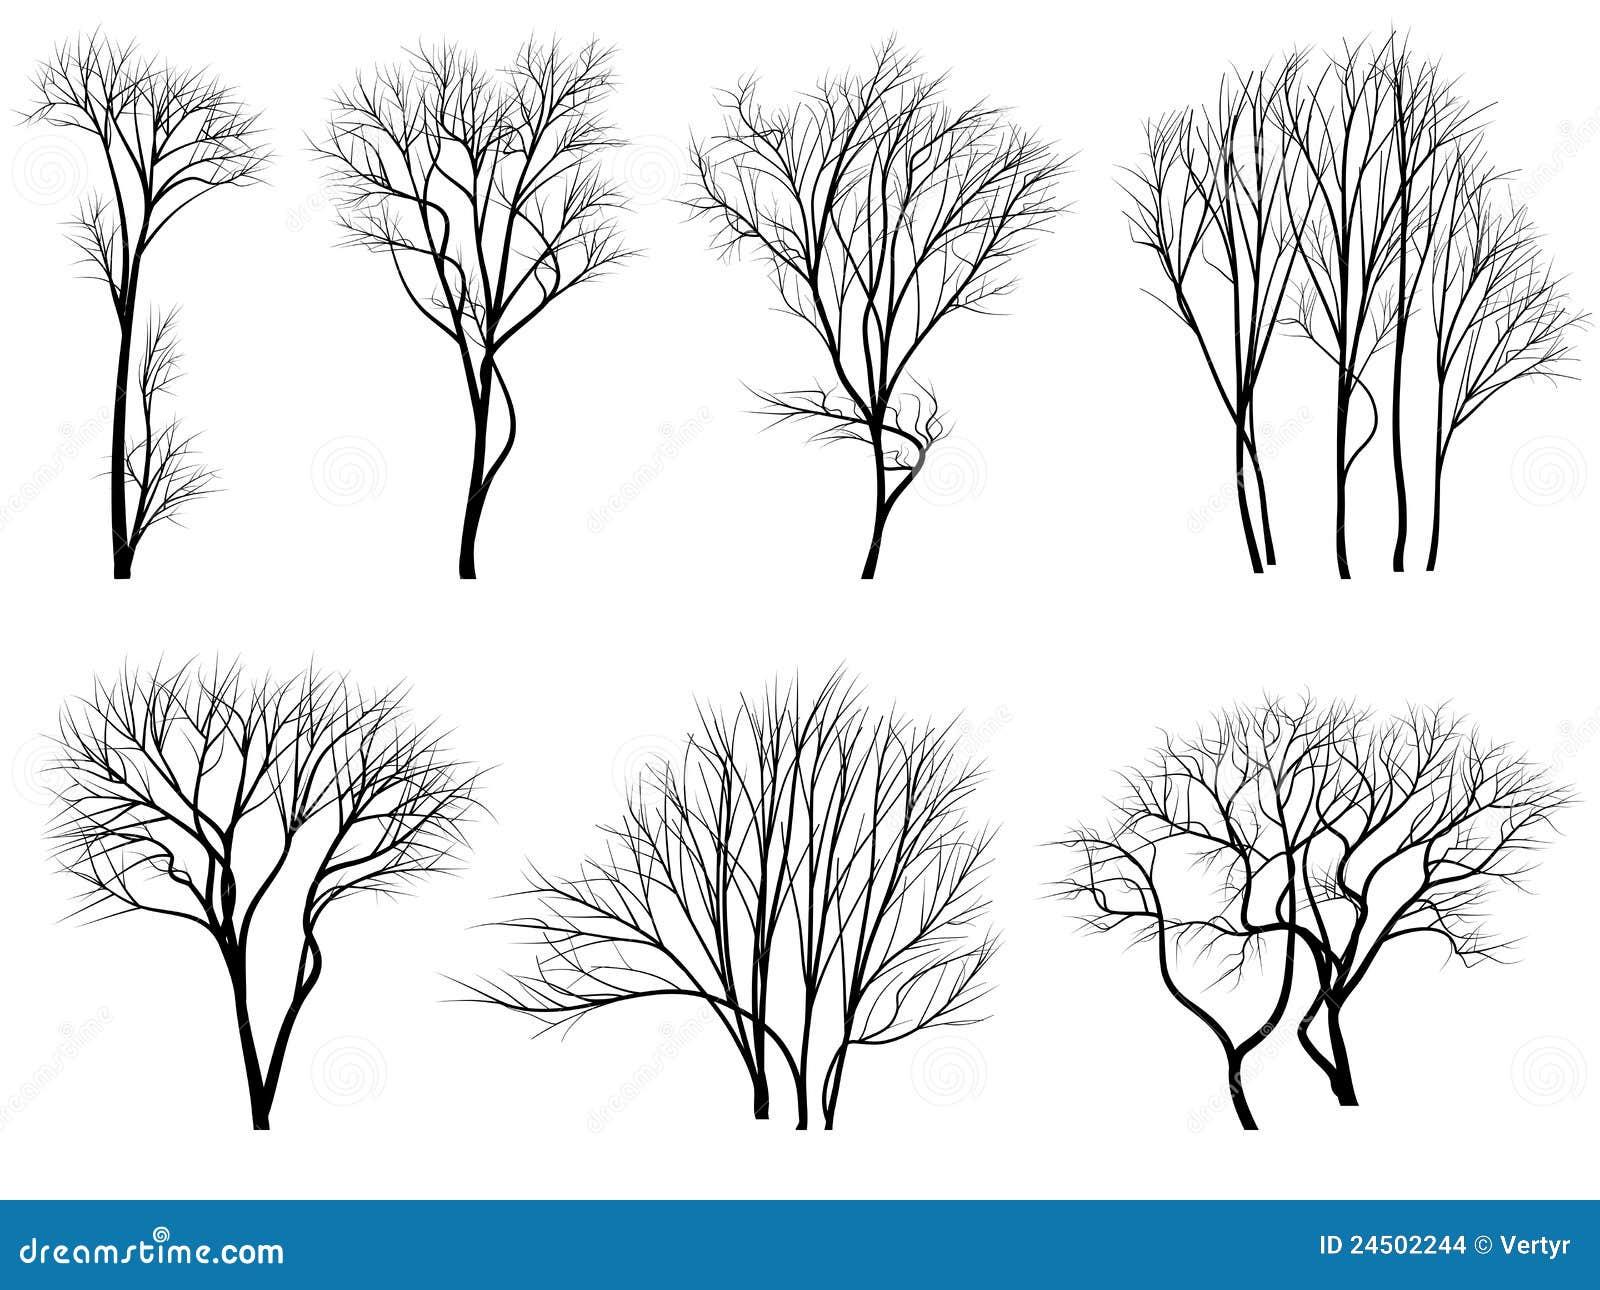 Ausgezeichnet Malvorlagen Bäume Und Blätter Zeitgenössisch - Entry ...